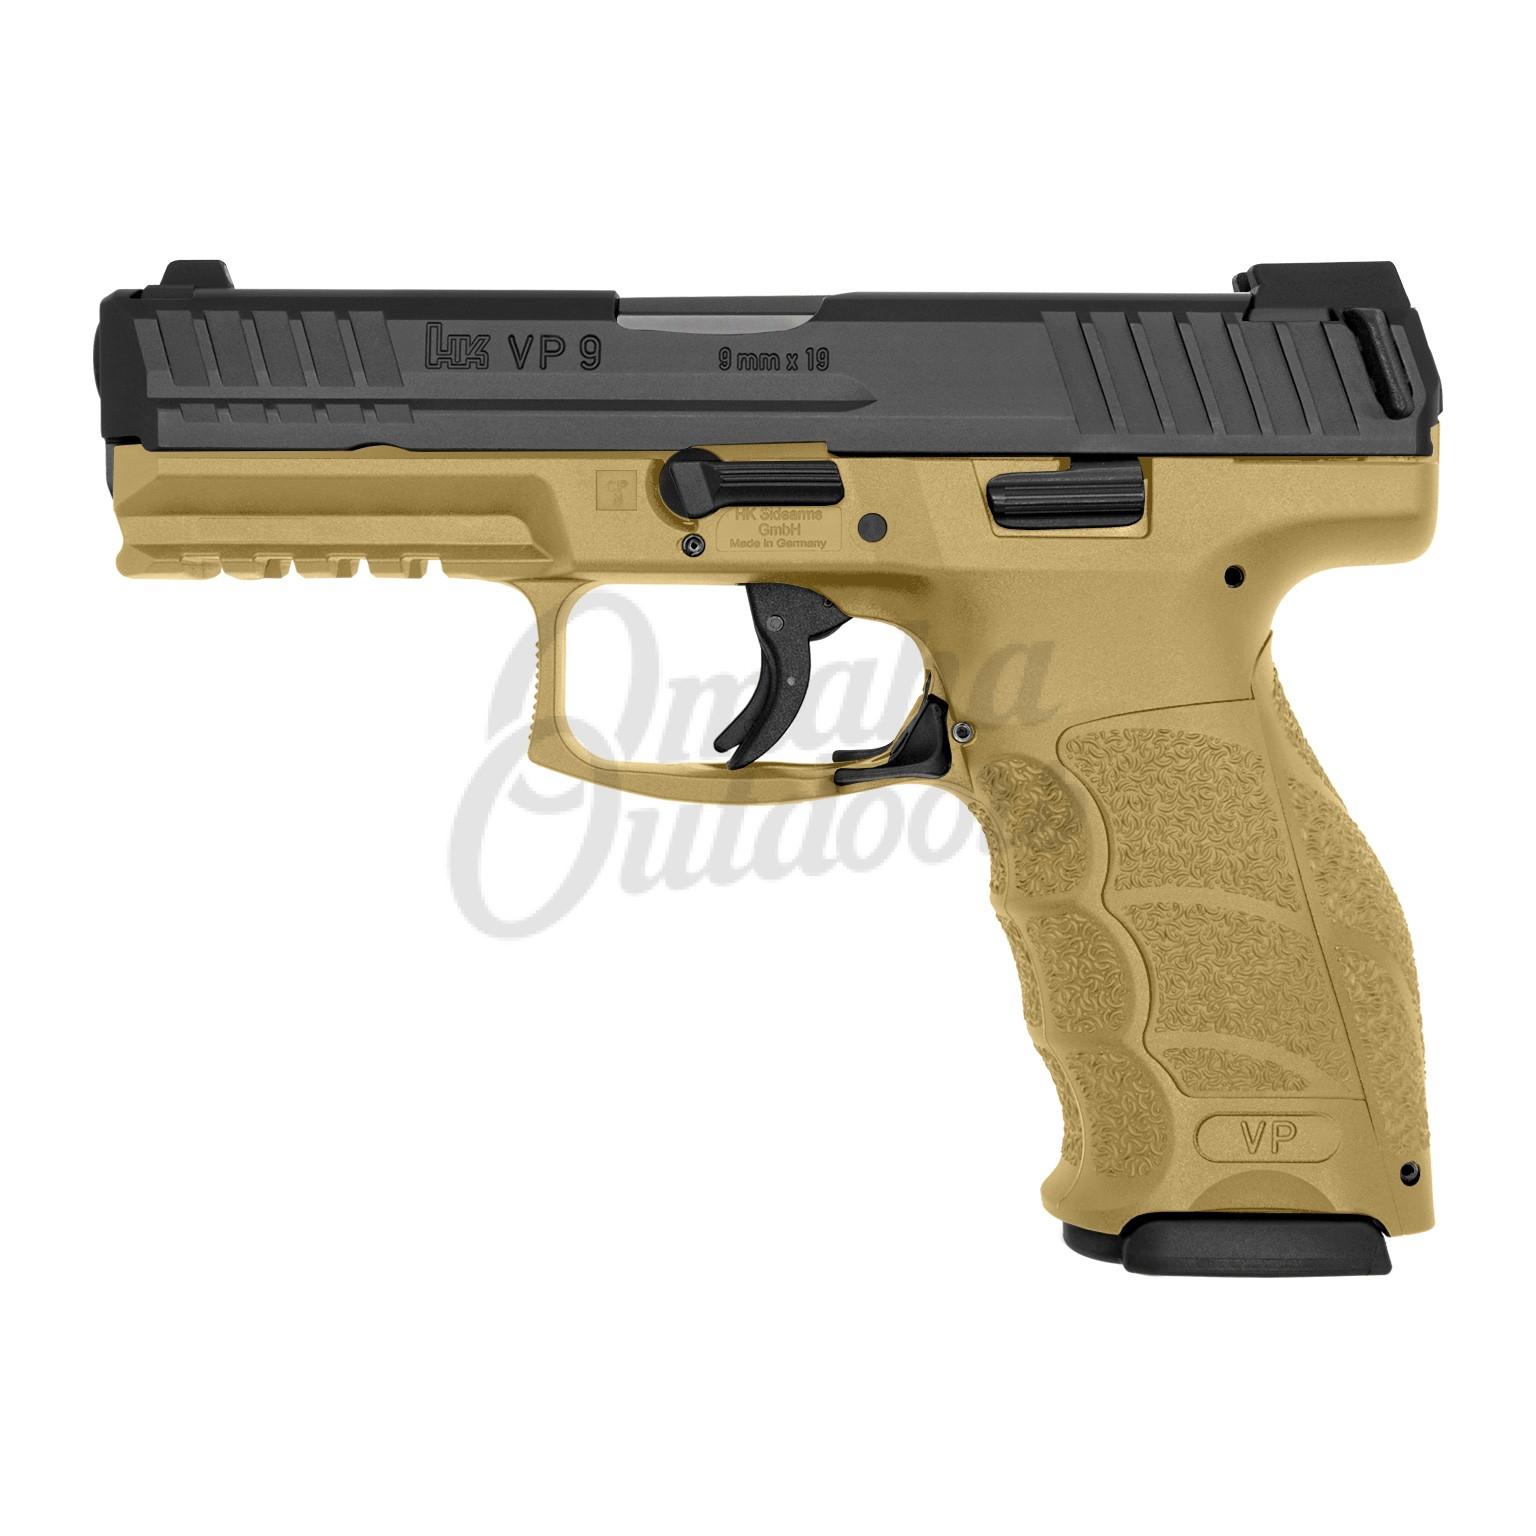 HK VP9 LE FDE Pistol 15 RD 9mm Night Sights 700009FDELE-A5